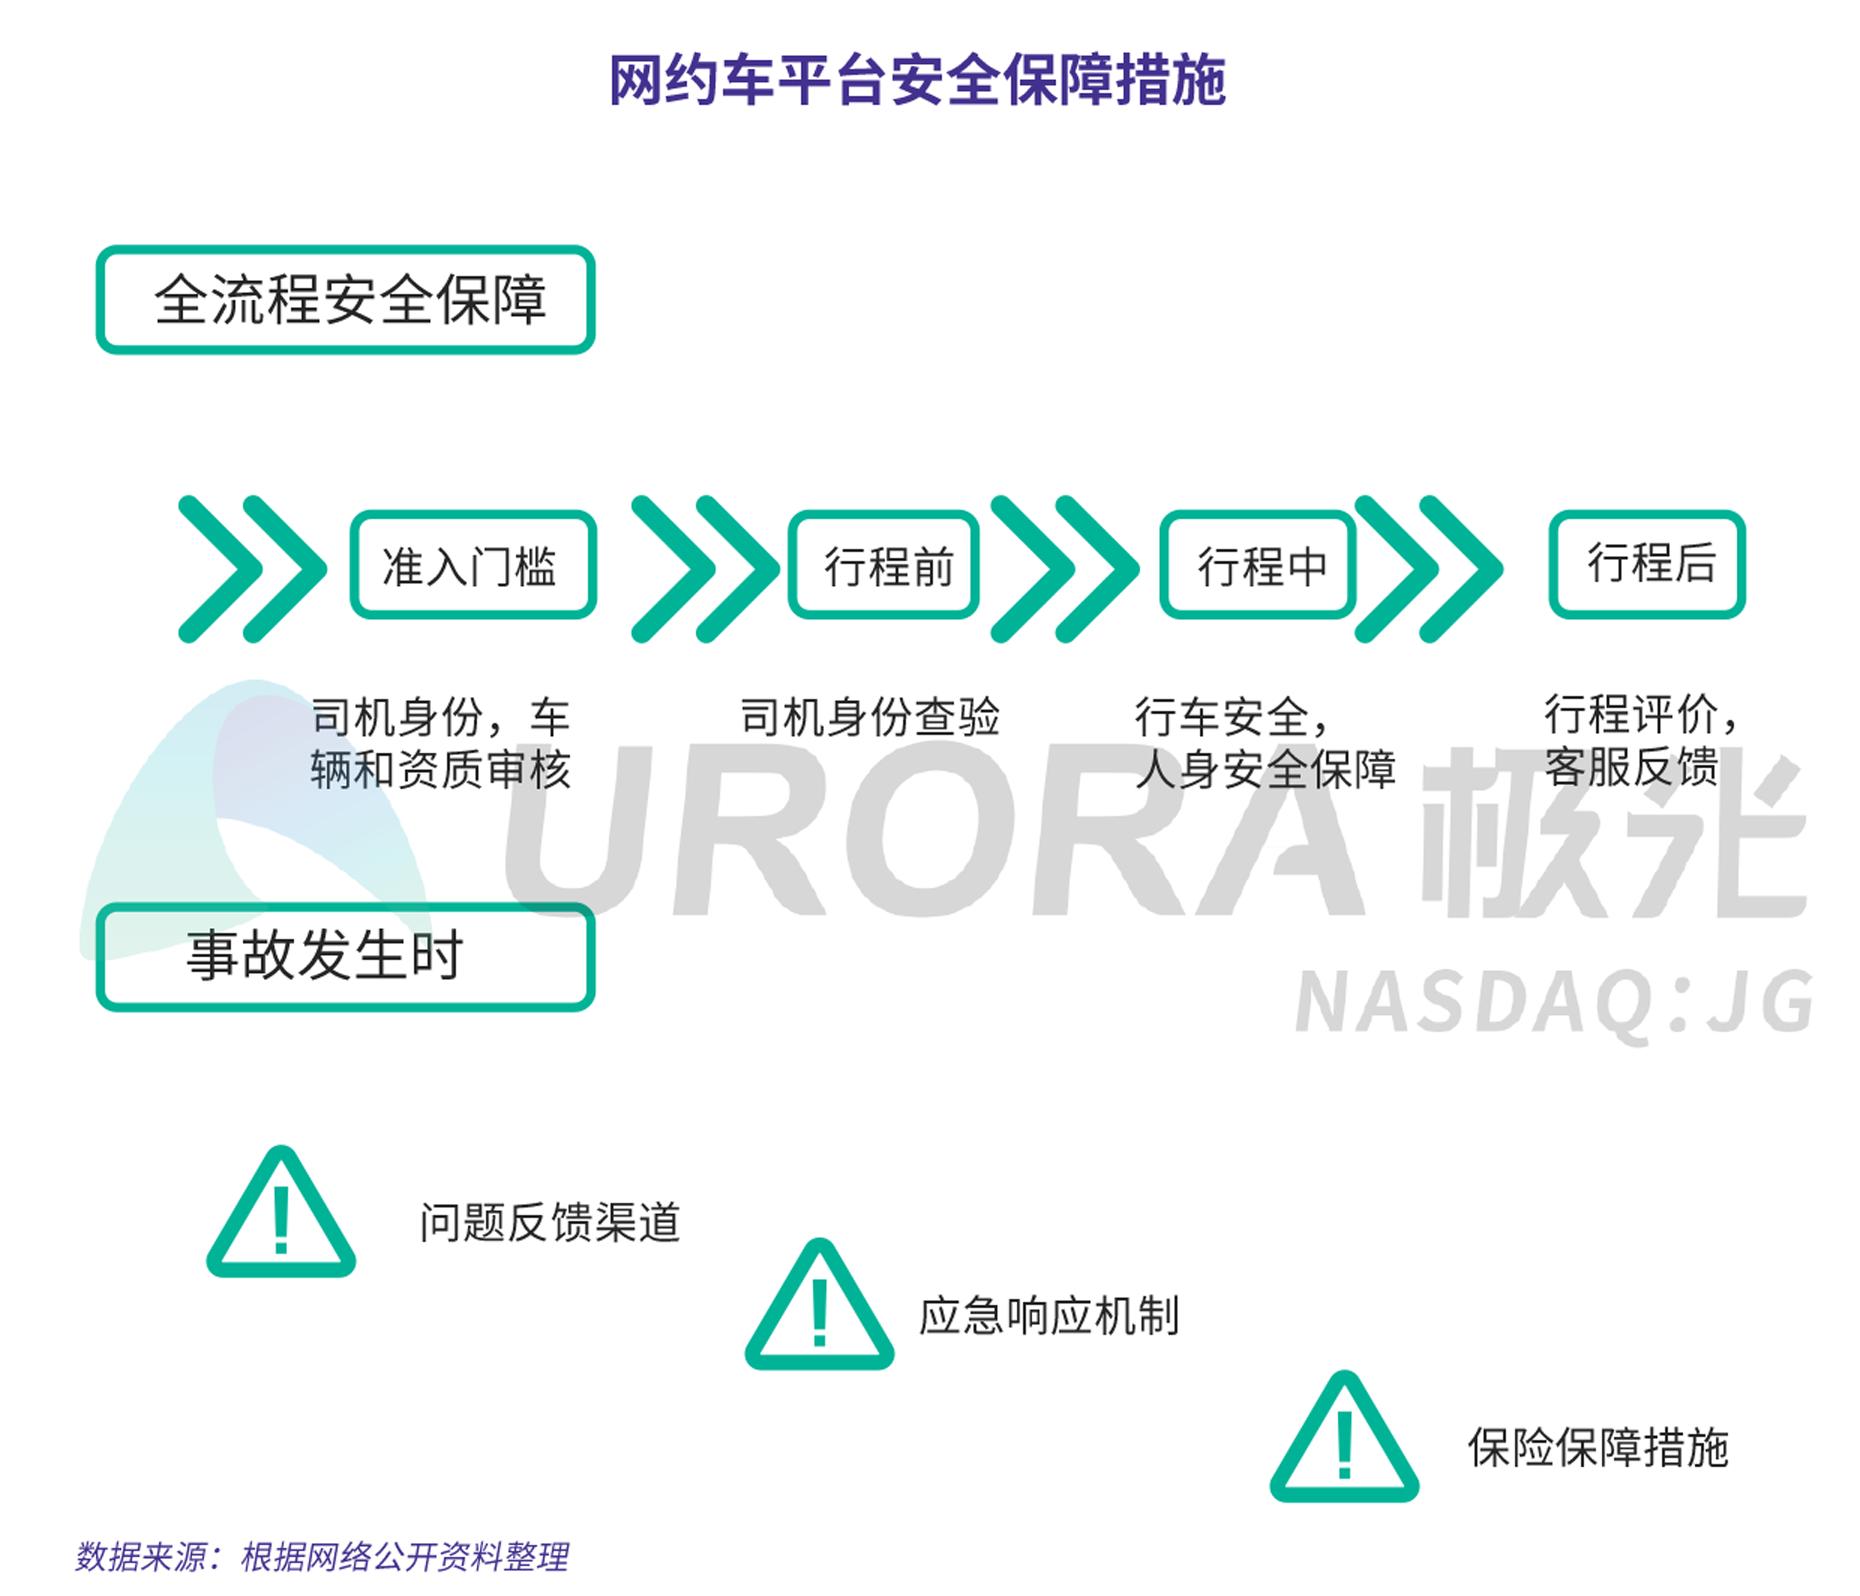 JIGUANG-网约车出行安全用户信心研究-新版-V4-5.png